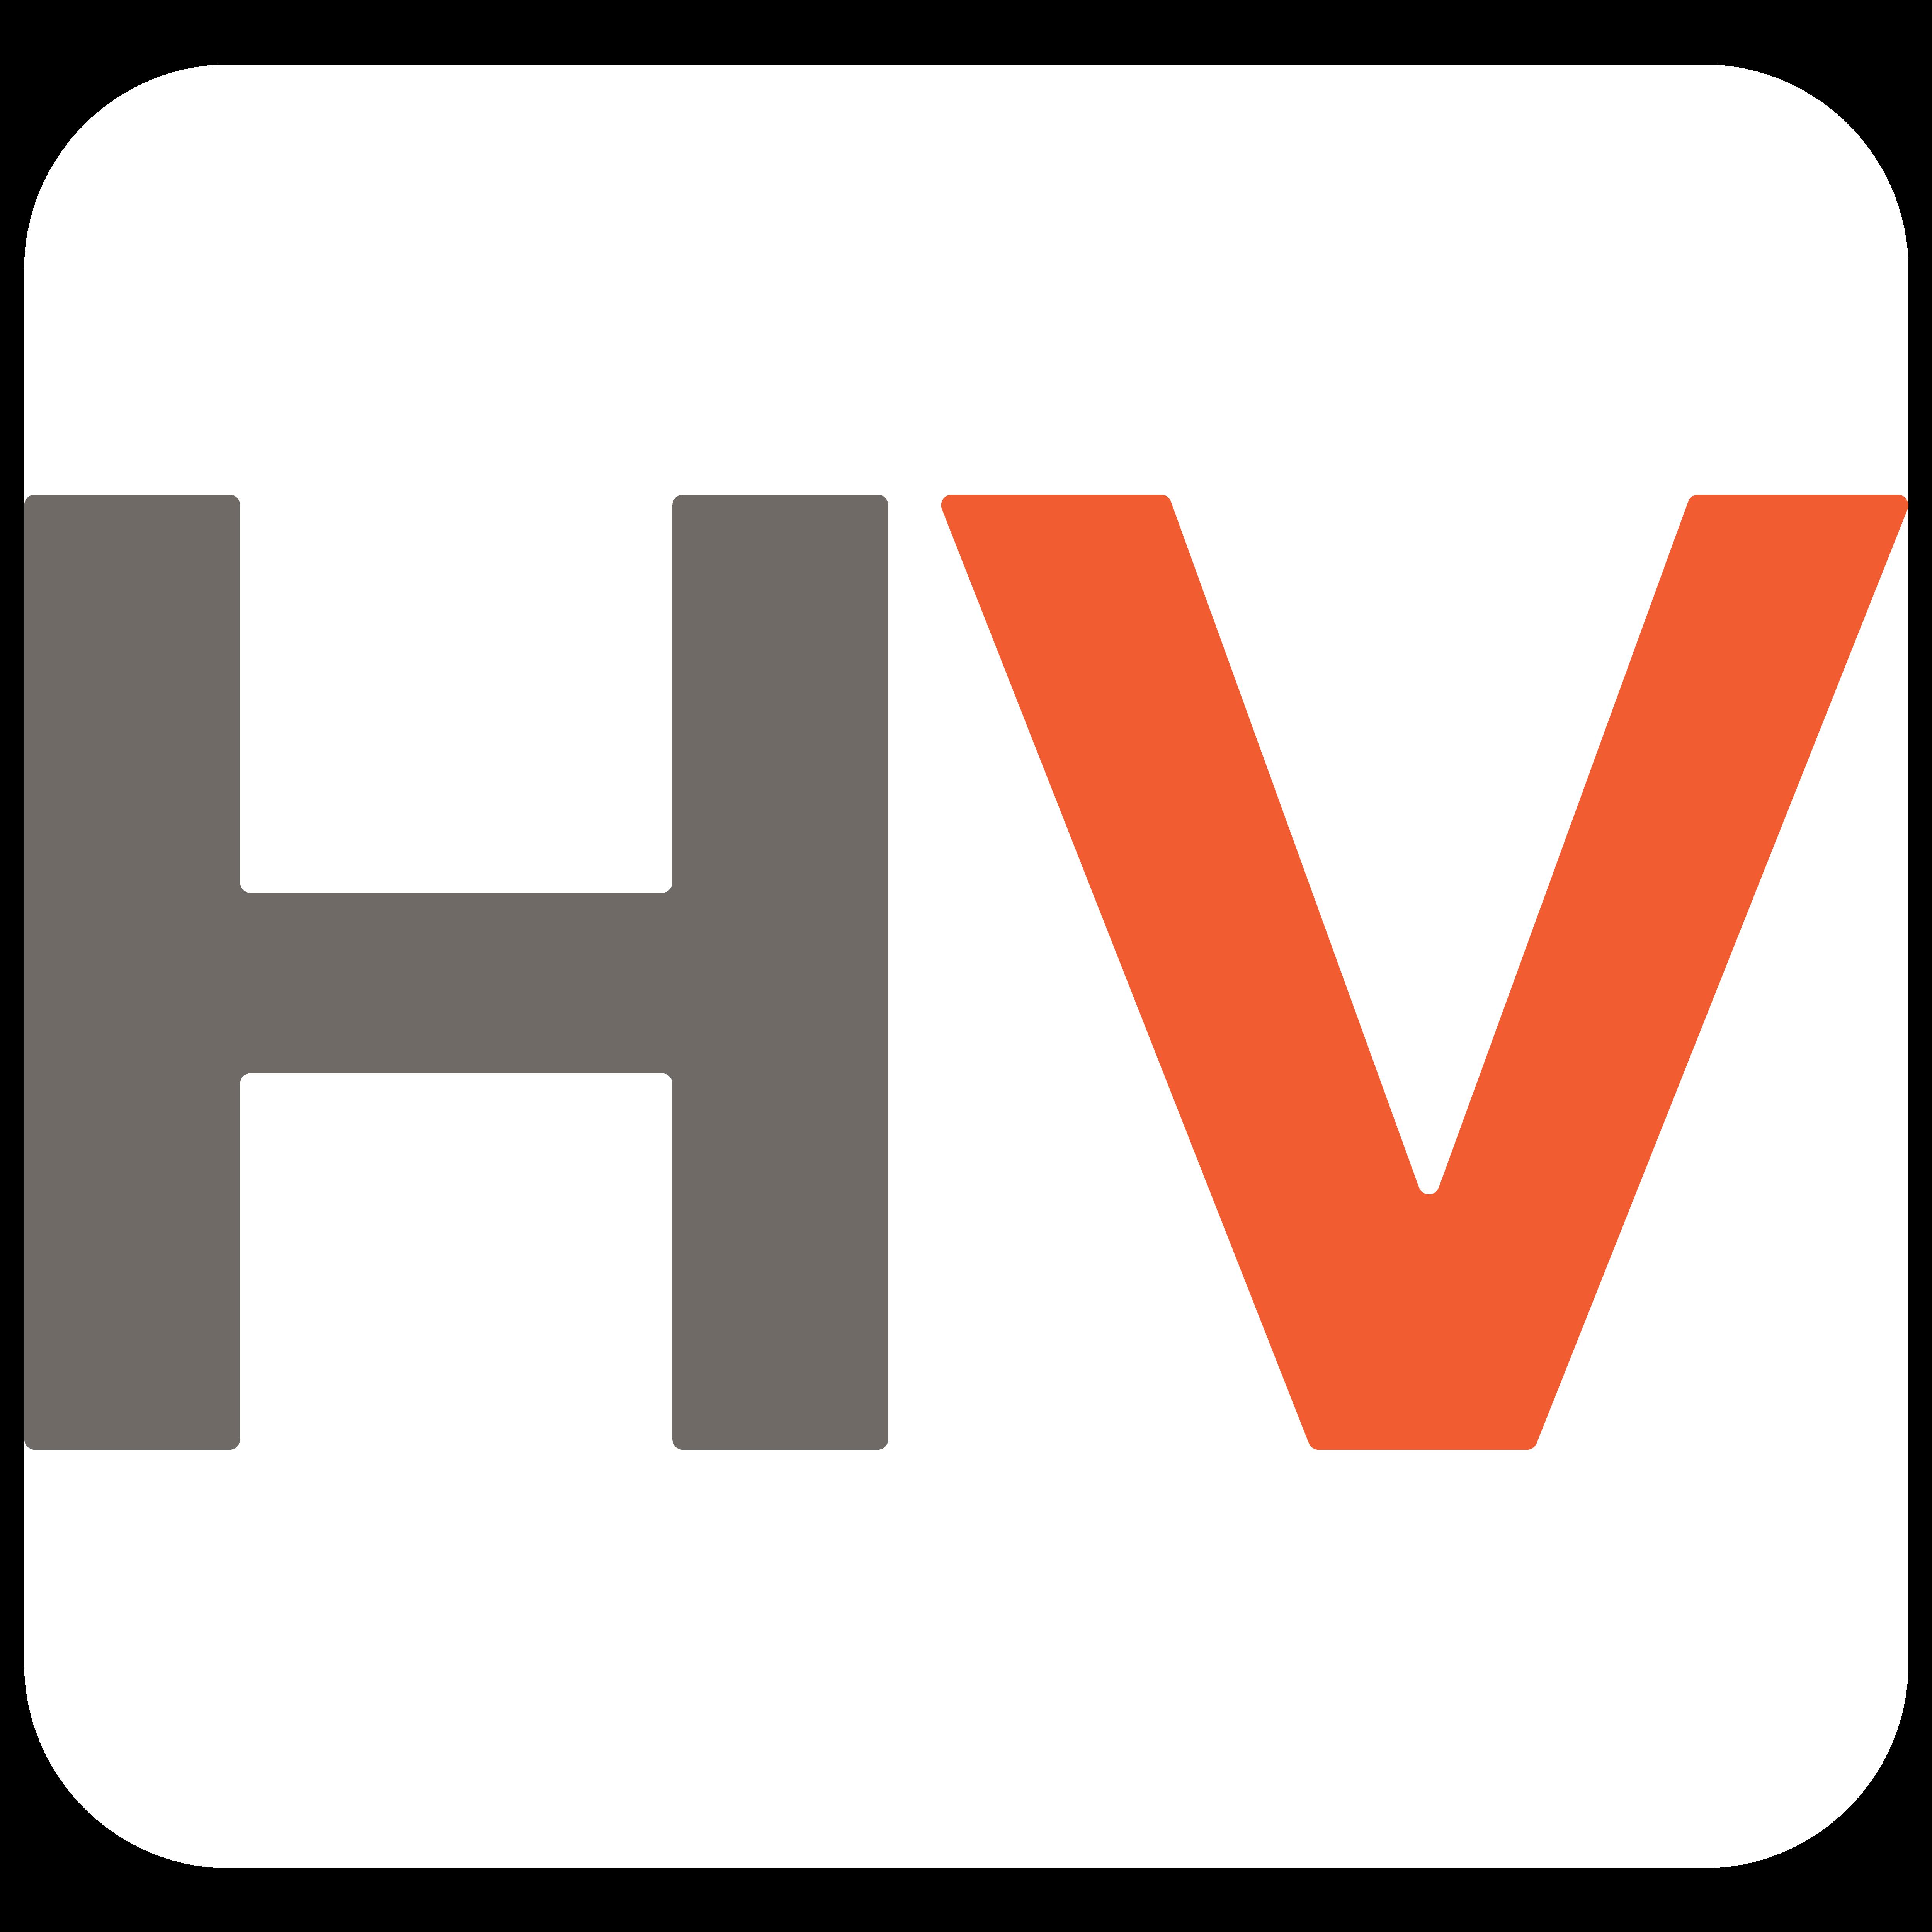 hipervarejo.com.br favicon